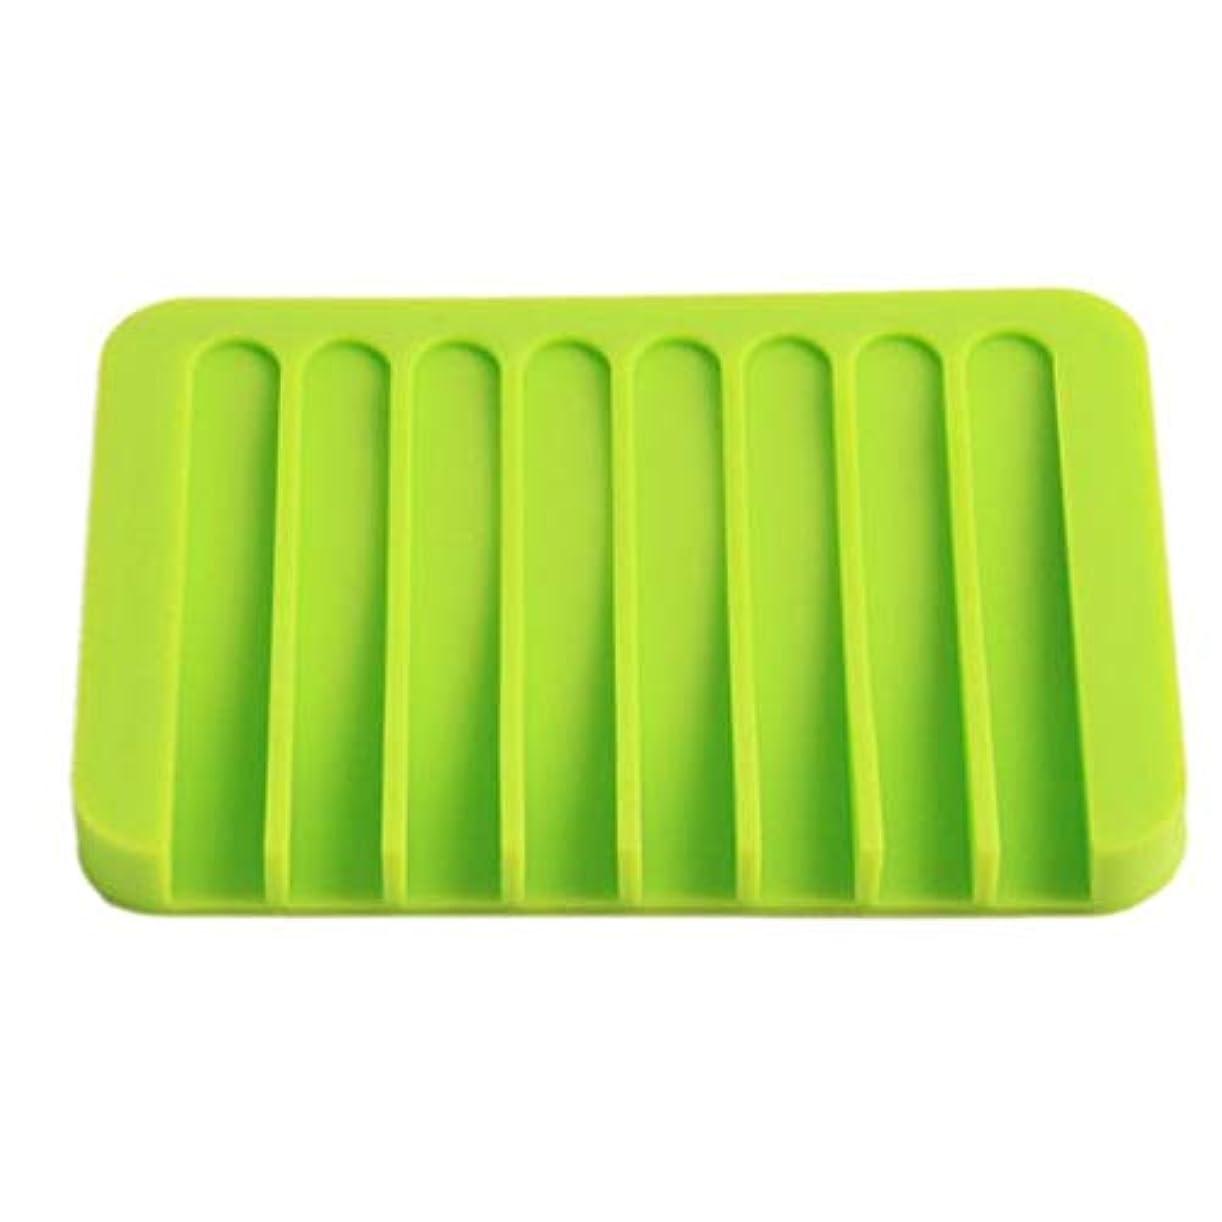 個人的な該当する頑固なOnior プレミアム品質のシリコーン浴室柔軟な石鹸皿ソープホルダー収納ソープボックスプレートトレイ排水、グリーン